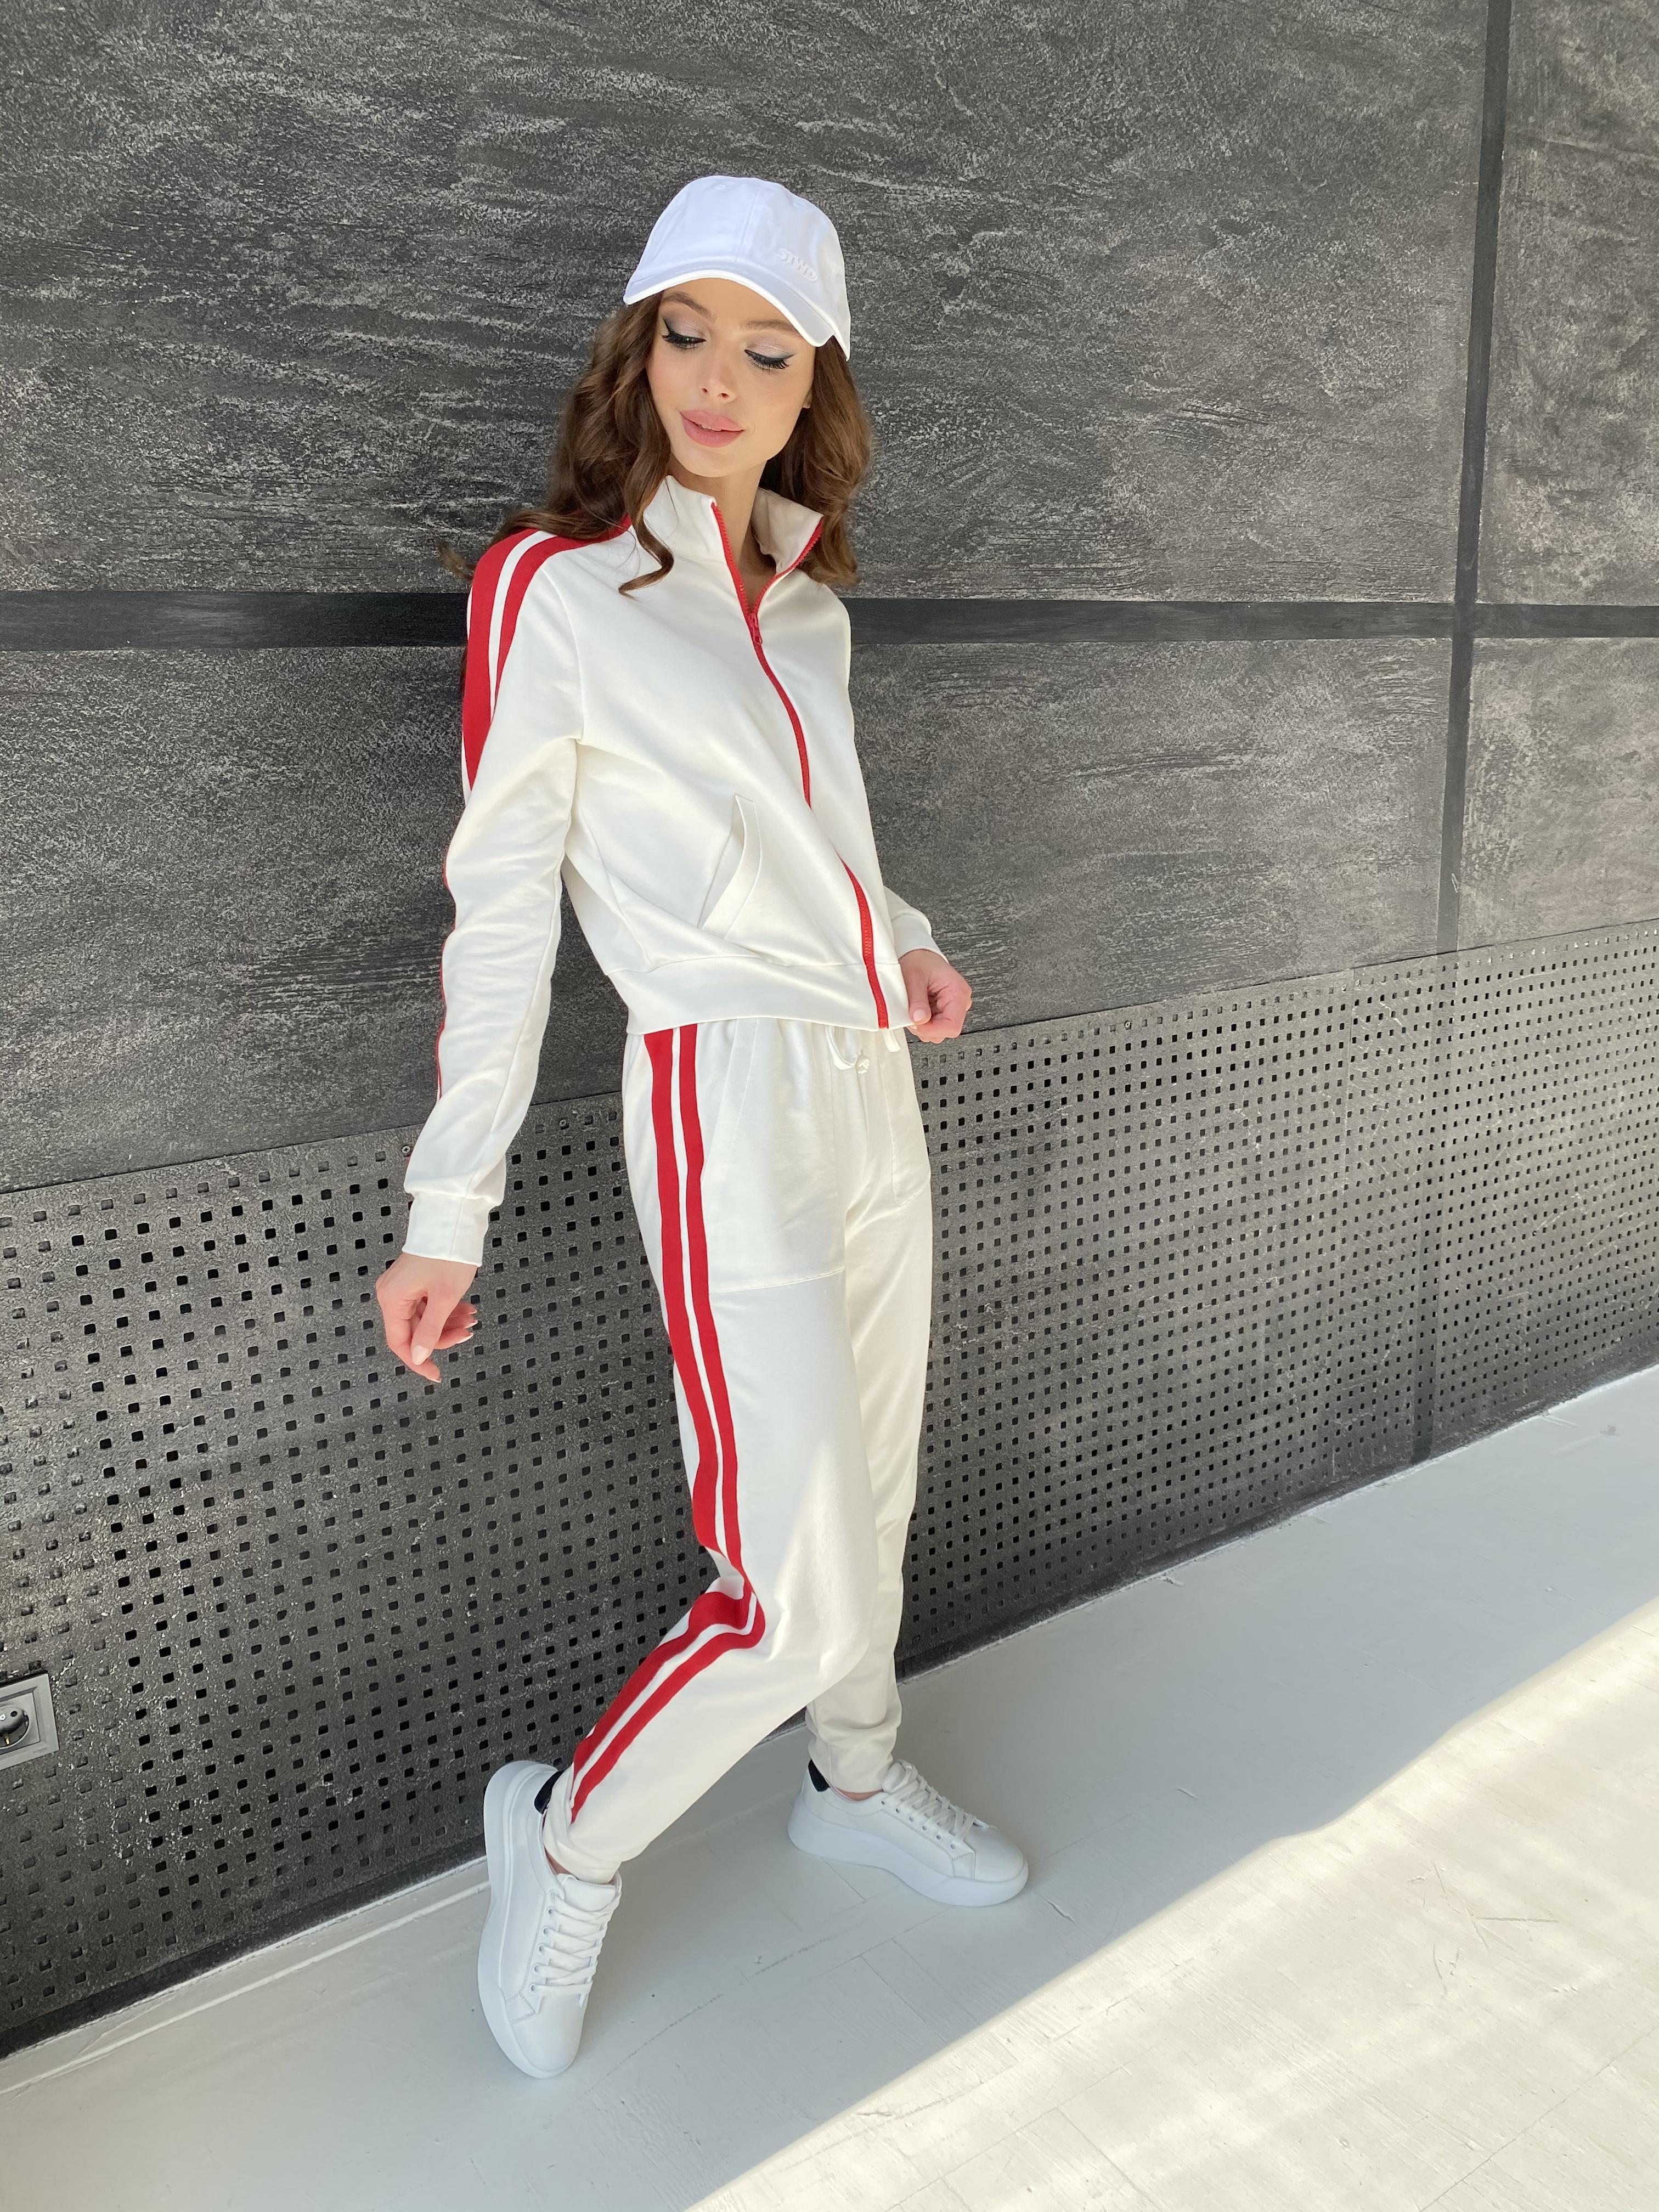 Камон костюм трикотажный из двунитки  9333 АРТ. 45761 Цвет: Молоко/красный - фото 8, интернет магазин tm-modus.ru